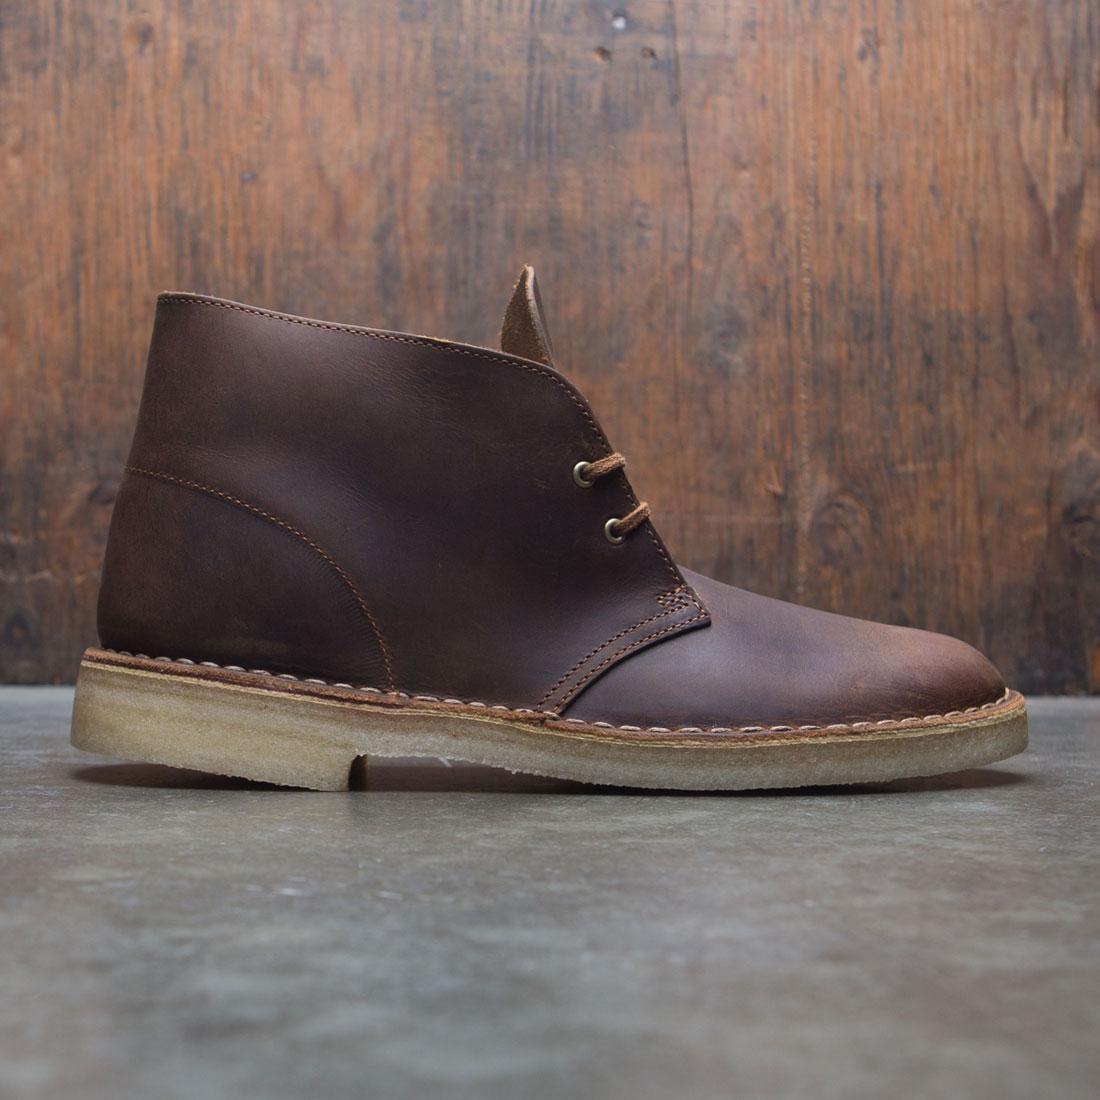 【海外限定】クラークス ブーツ スニーカー メンズ靴 【 CLARKS MEN DESERT BOOT BROWN BEESWAX 】